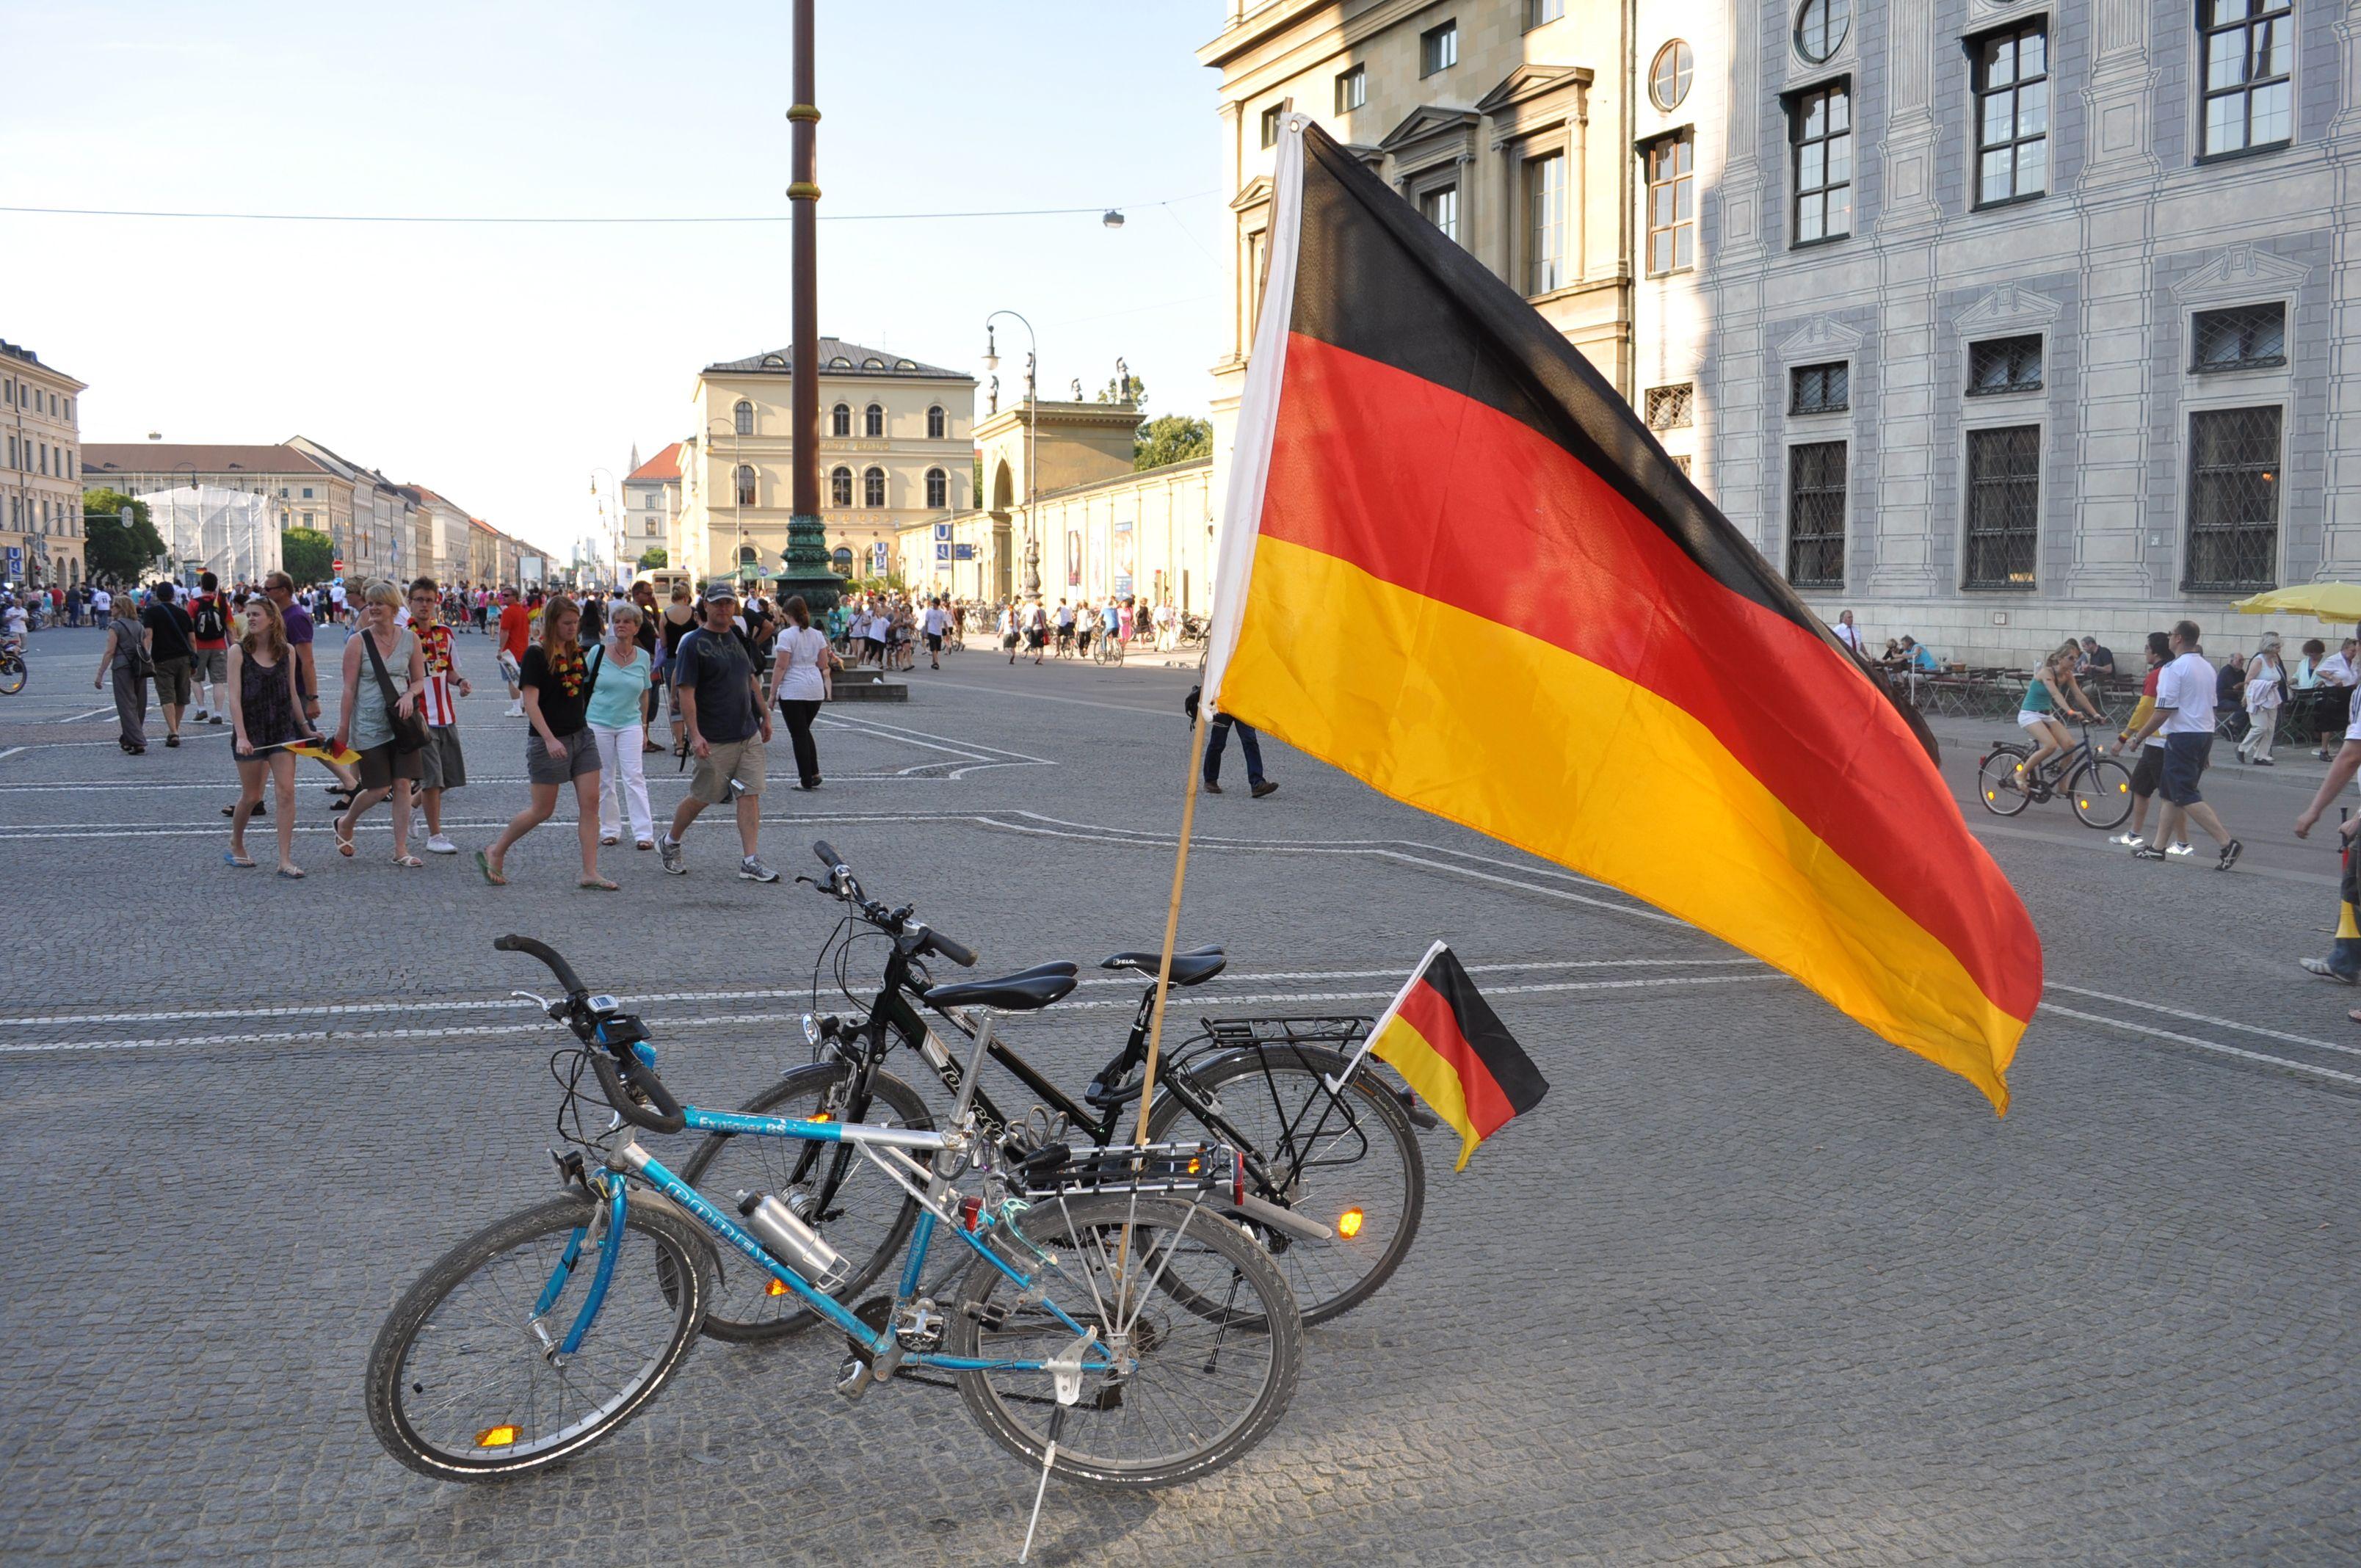 deutschland fahne kaufen deutschlandfahne flags pinterest flags. Black Bedroom Furniture Sets. Home Design Ideas